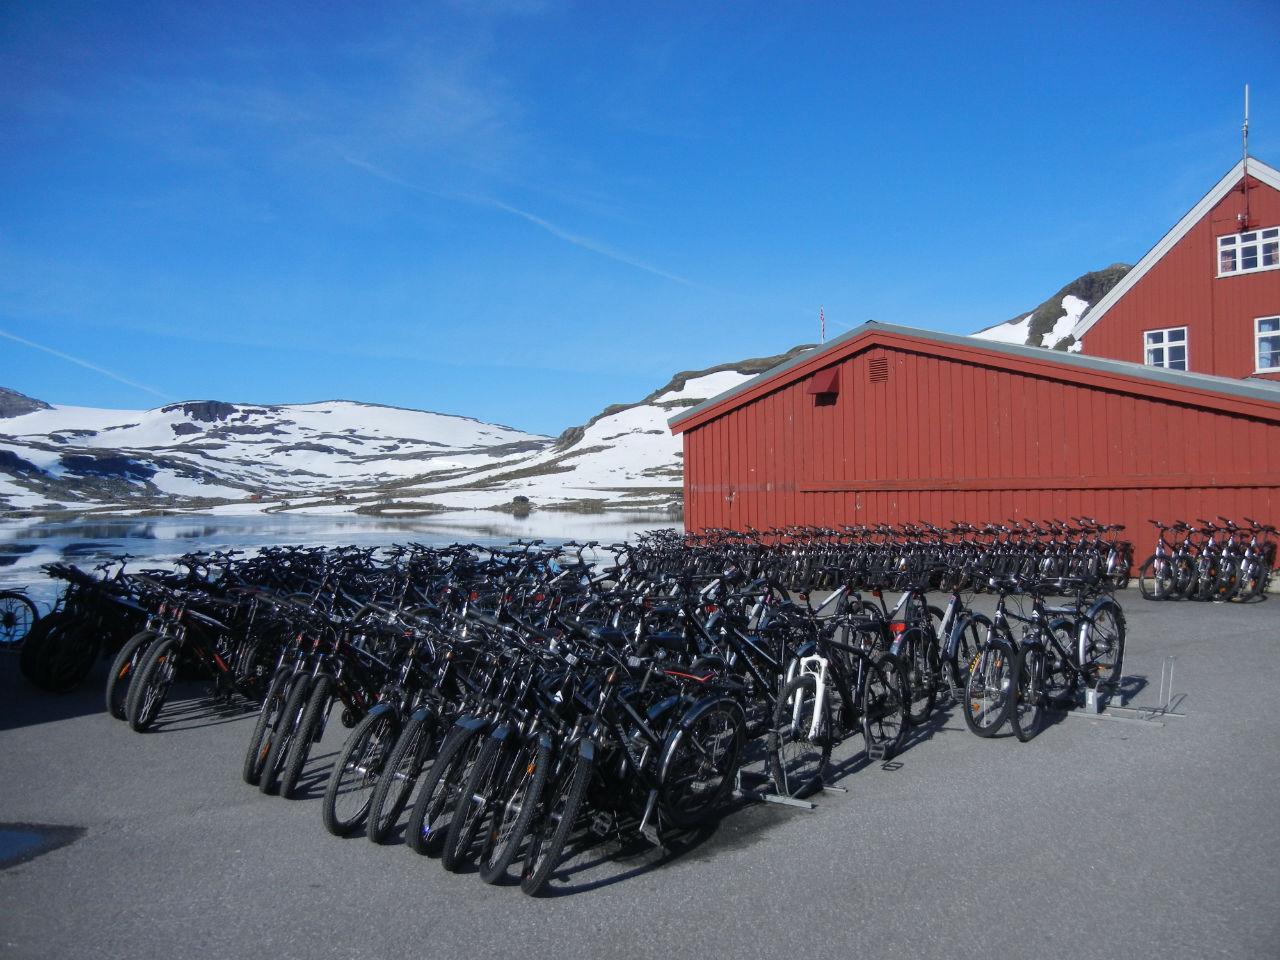 Армия велосипедов в ожида